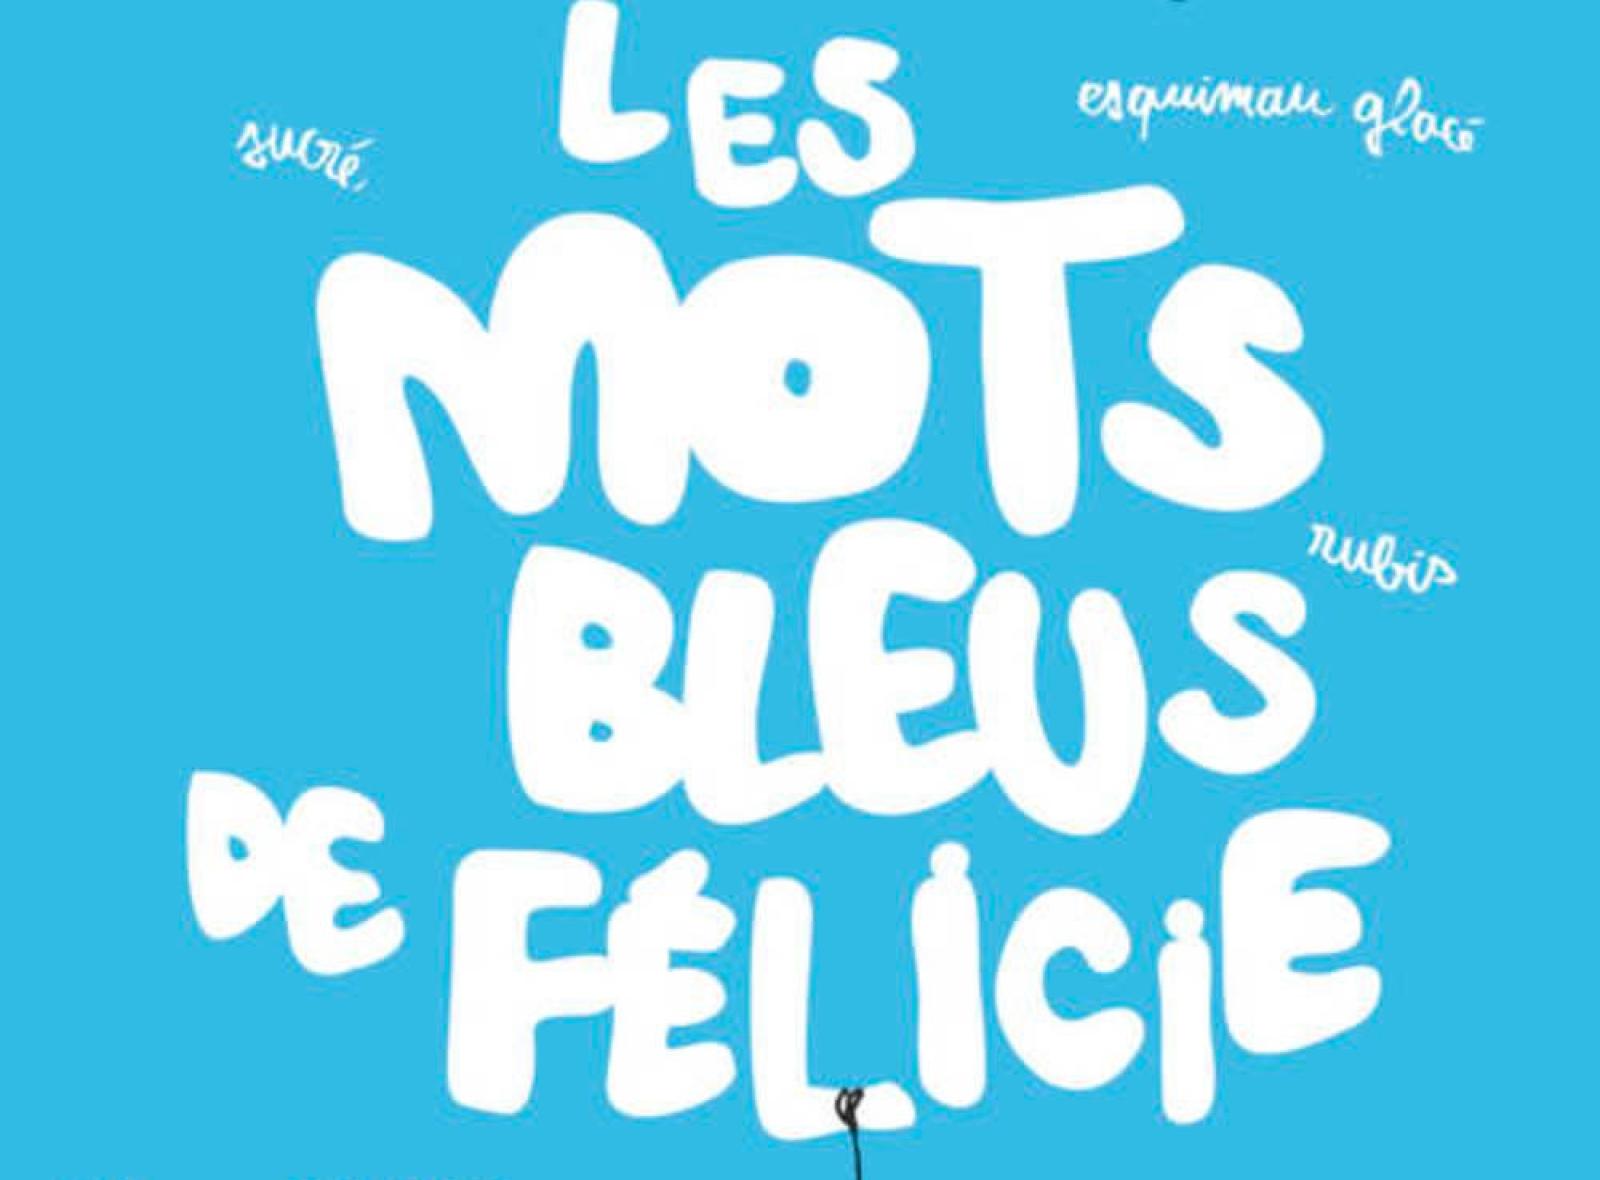 PJLQ : Les mots bleus de Félicie